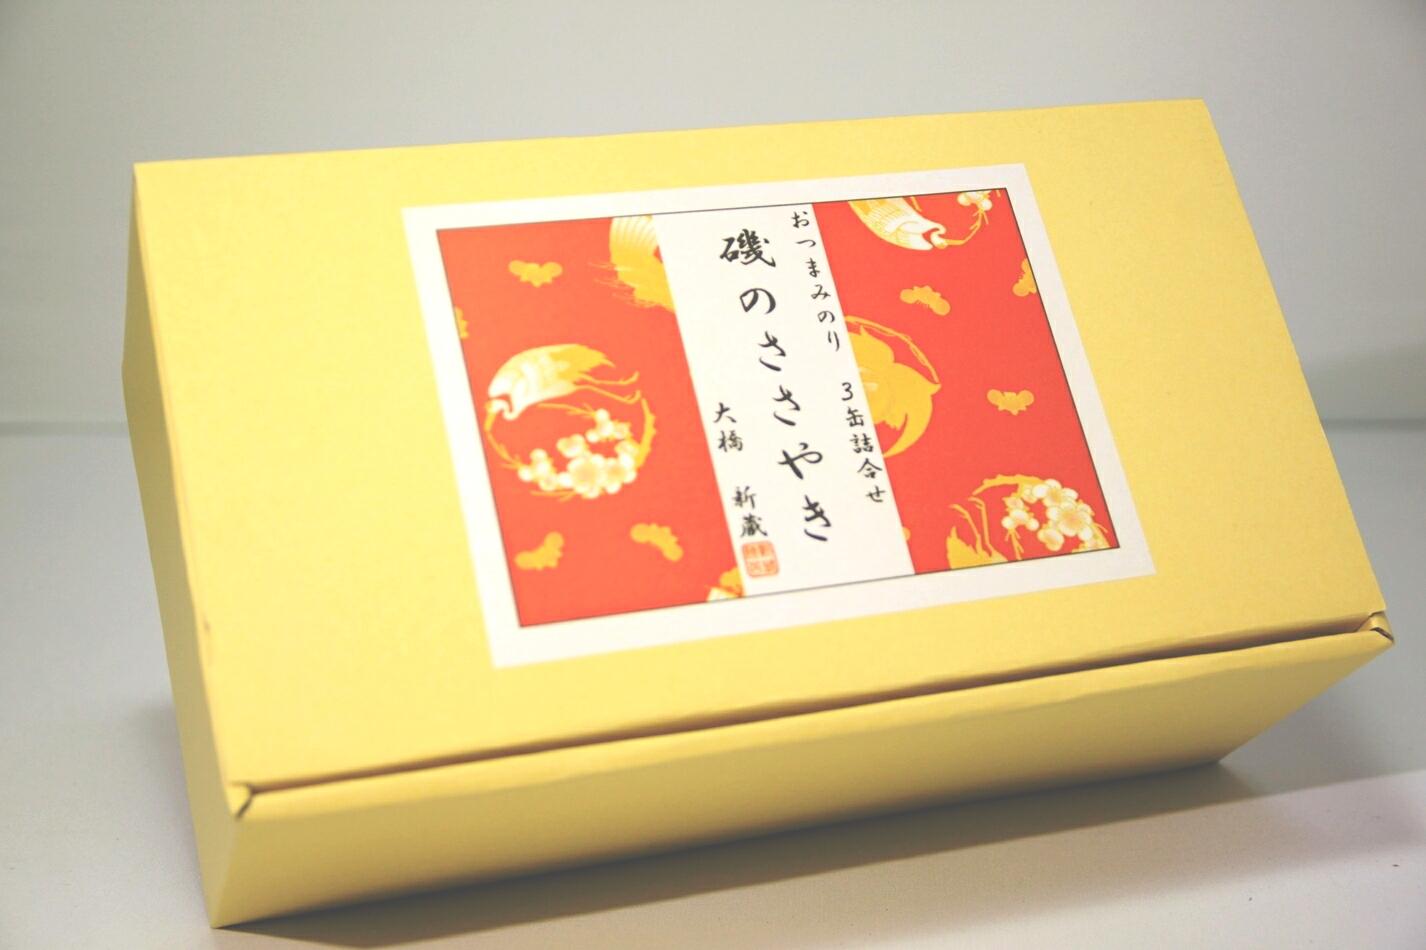 おつまみのり 缶 用の箱01 味付け海苔